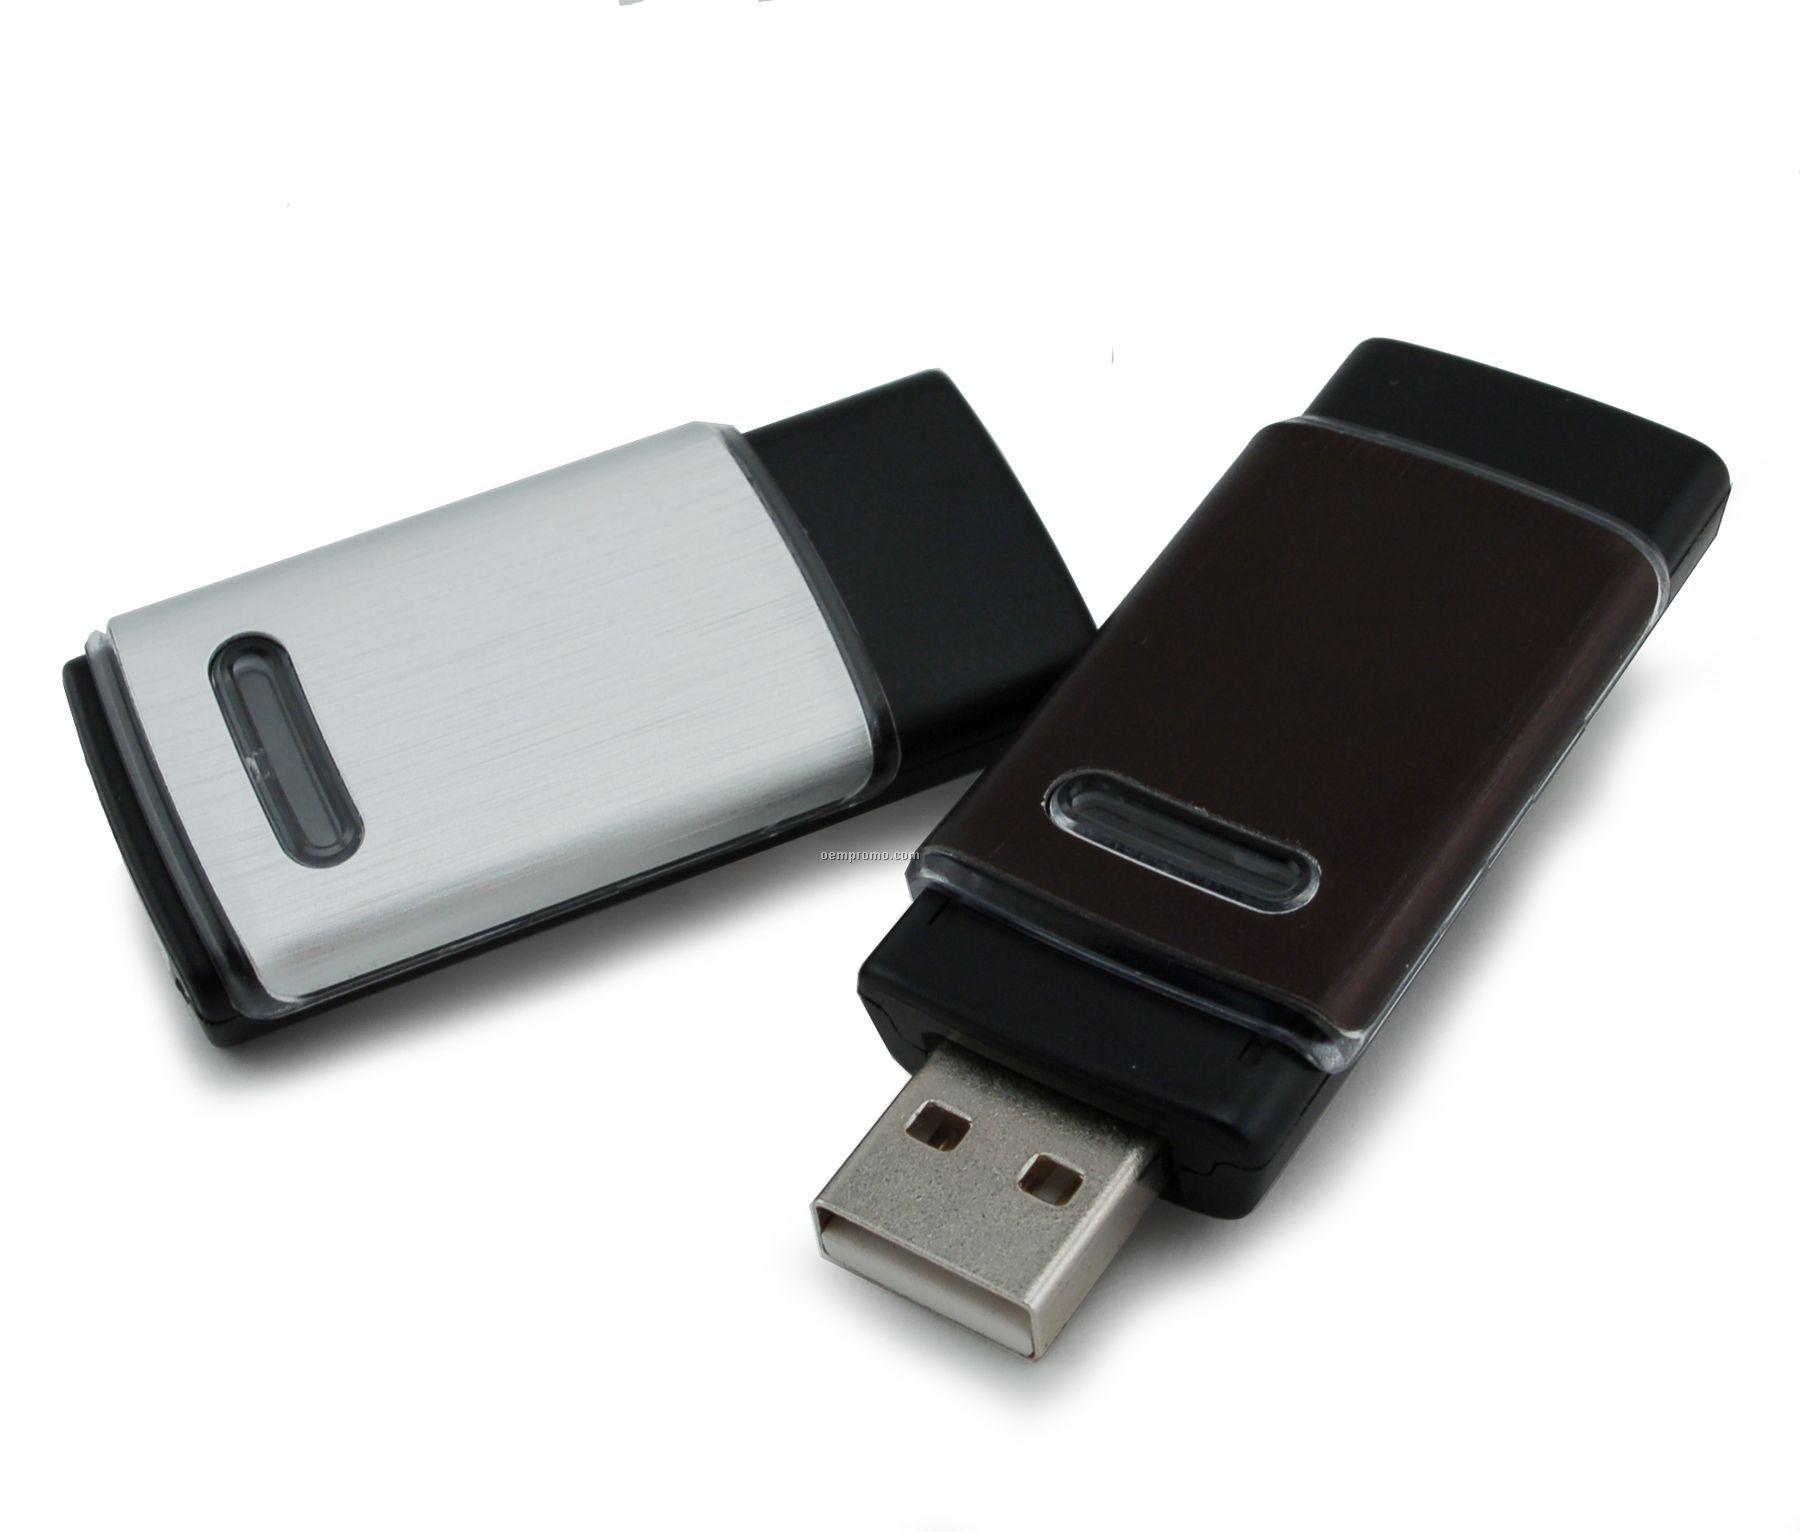 8 Gb Retractable USB Drive 600 Series